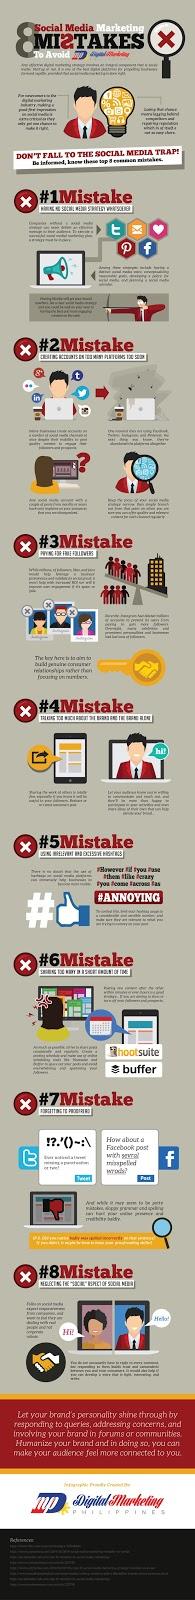 Truyền thông xã hội và 8 sai lầm cần tránh khi làm marketing 1